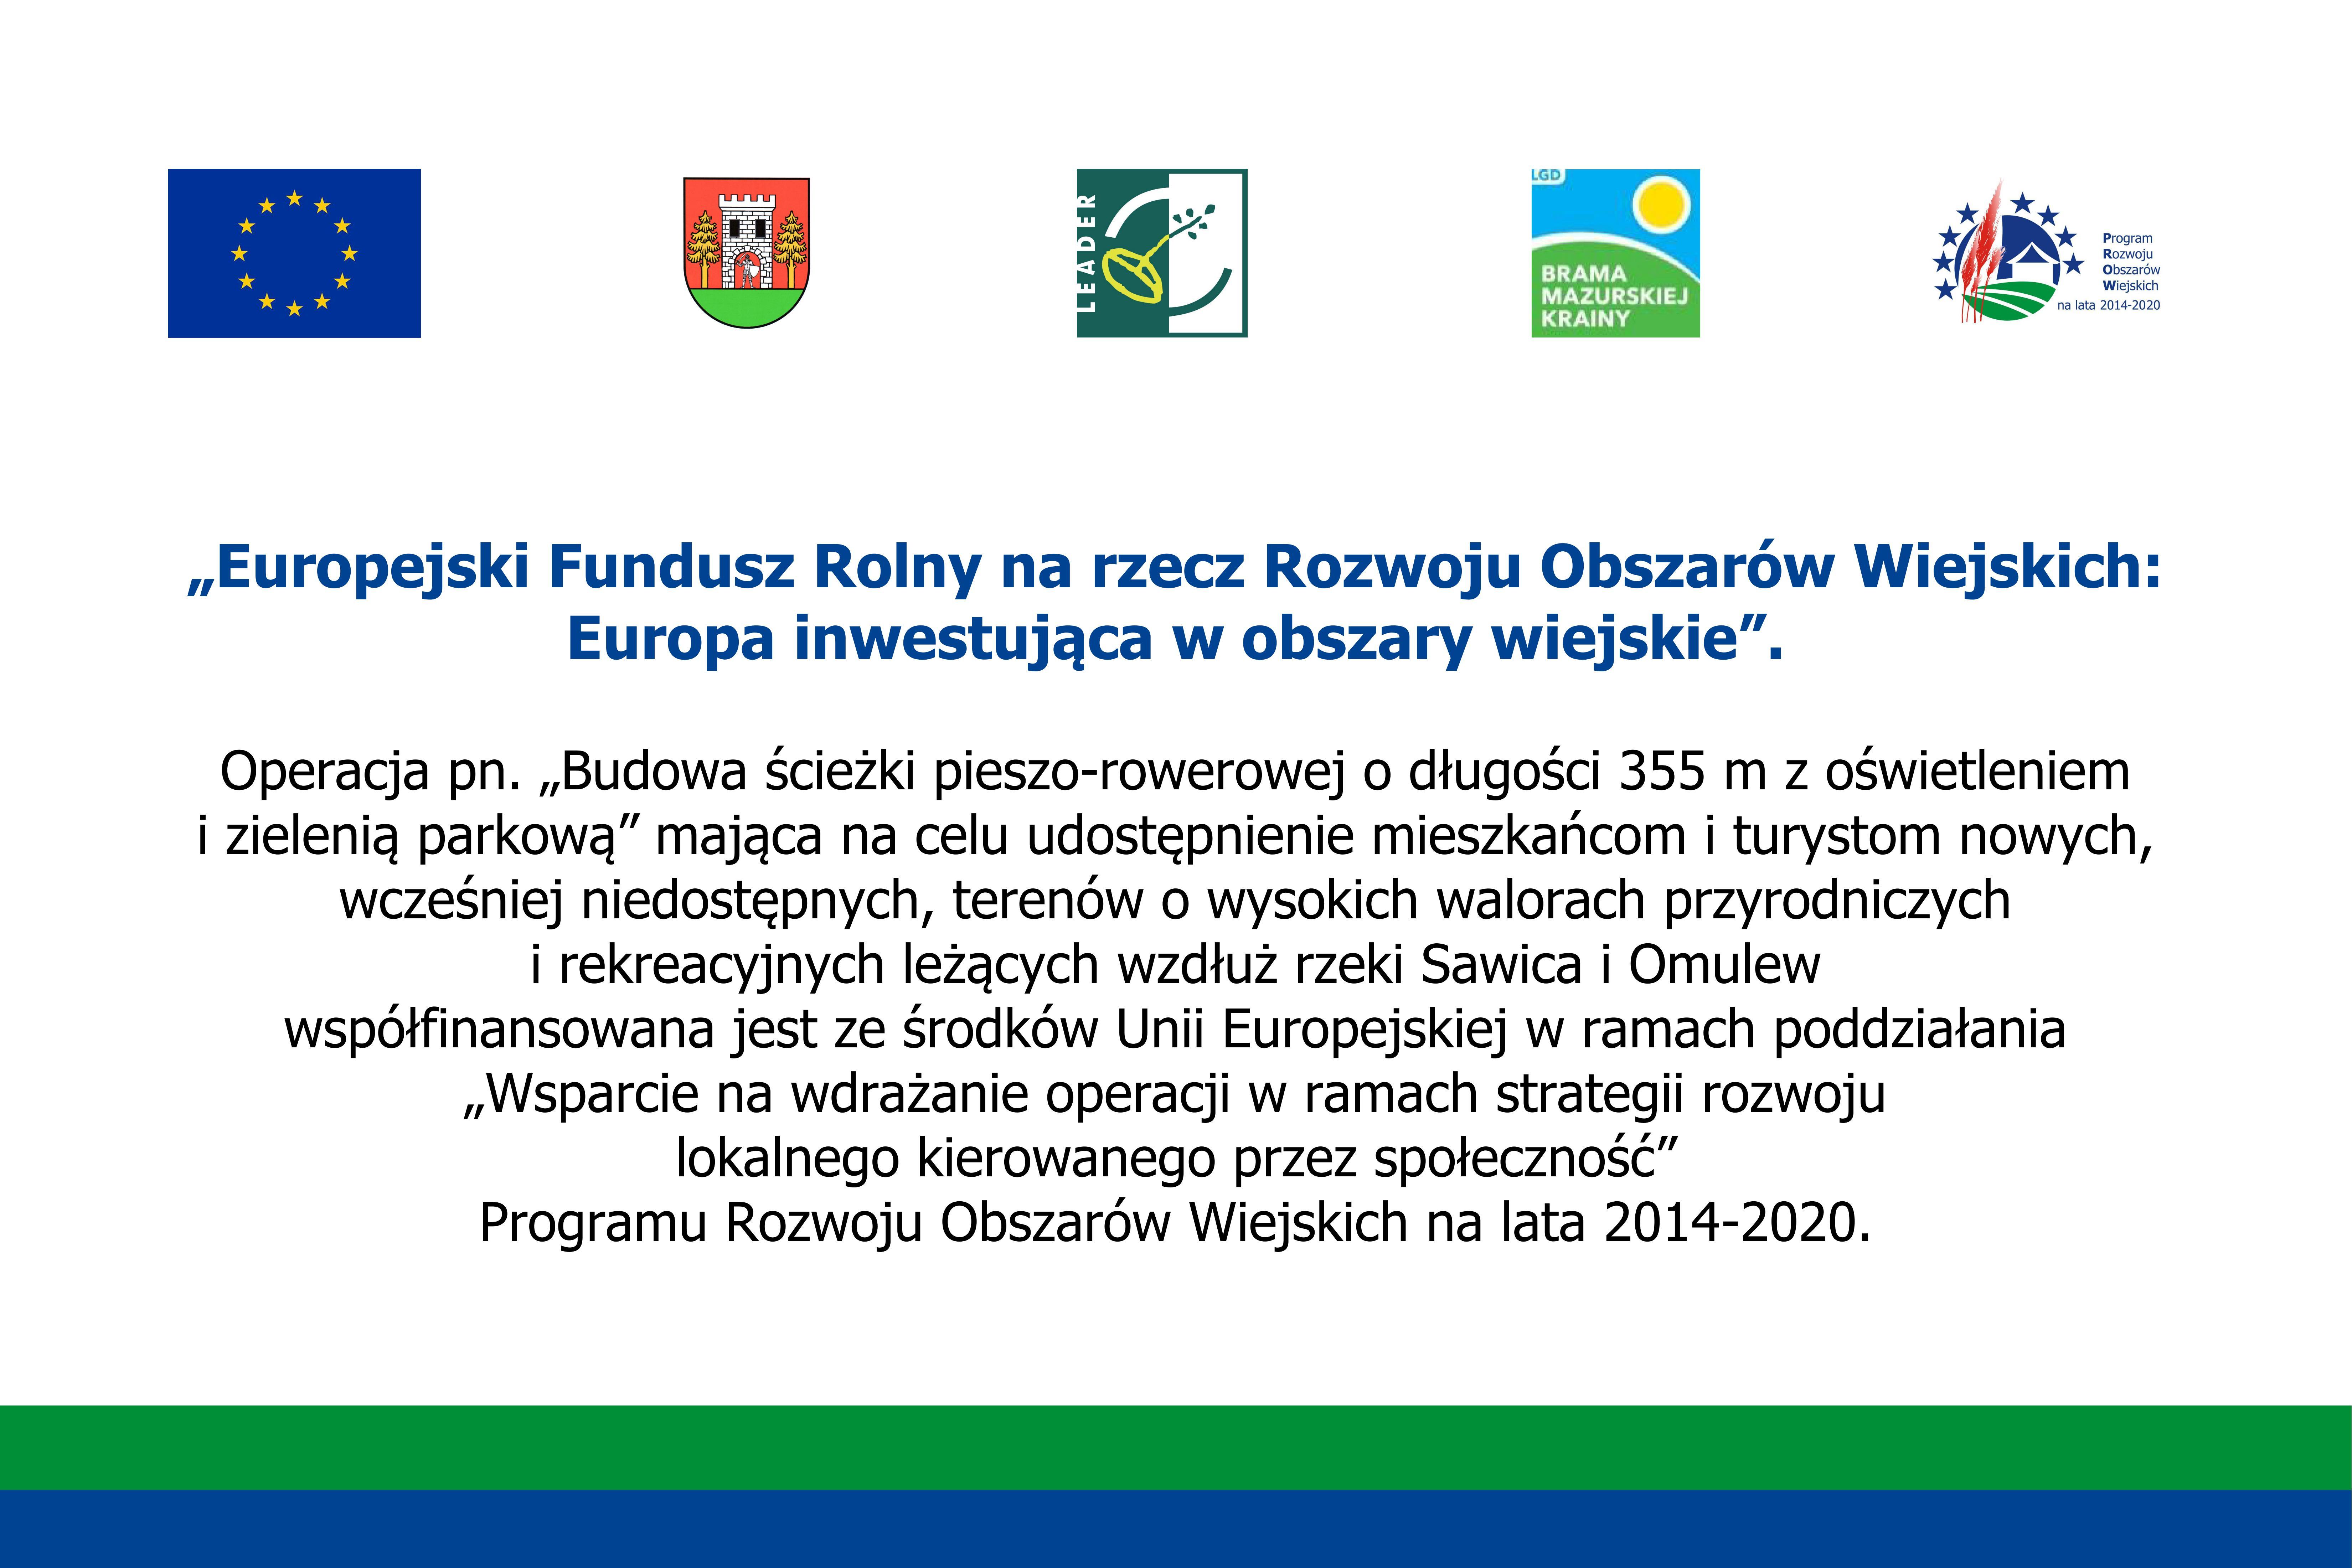 https://m.powiatszczycienski.pl/2019/09/orig/tablica-sciezka-01-24920.jpg